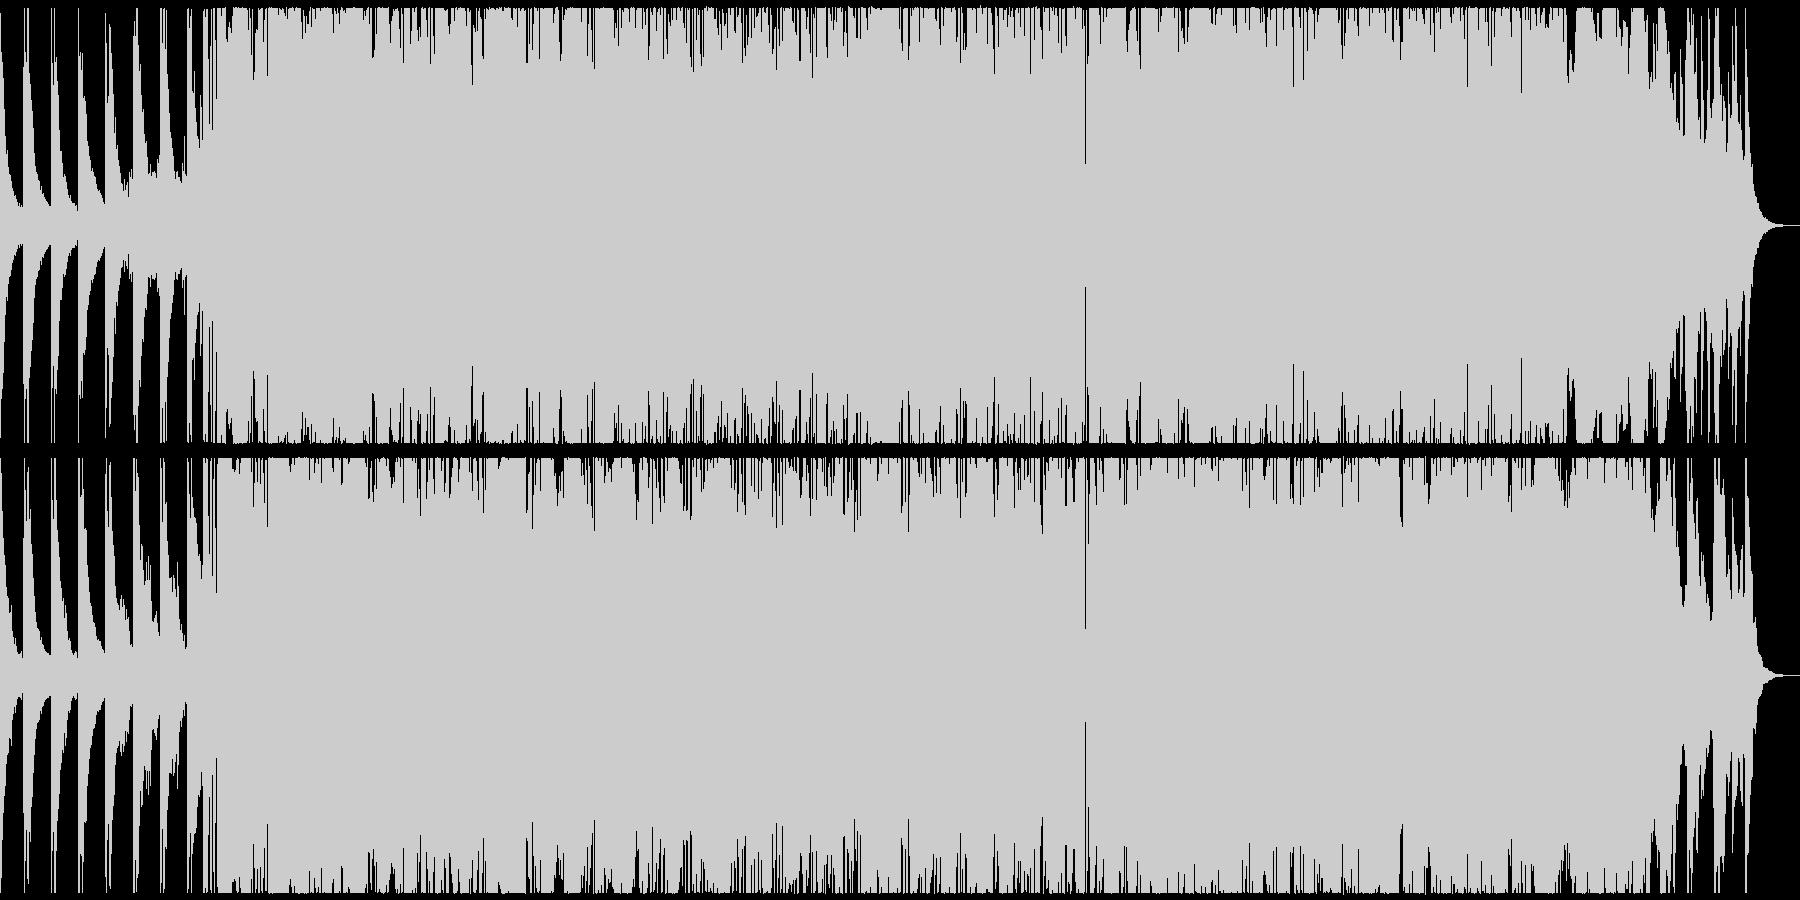 頑張る人を応援する電子音的チルホップの未再生の波形